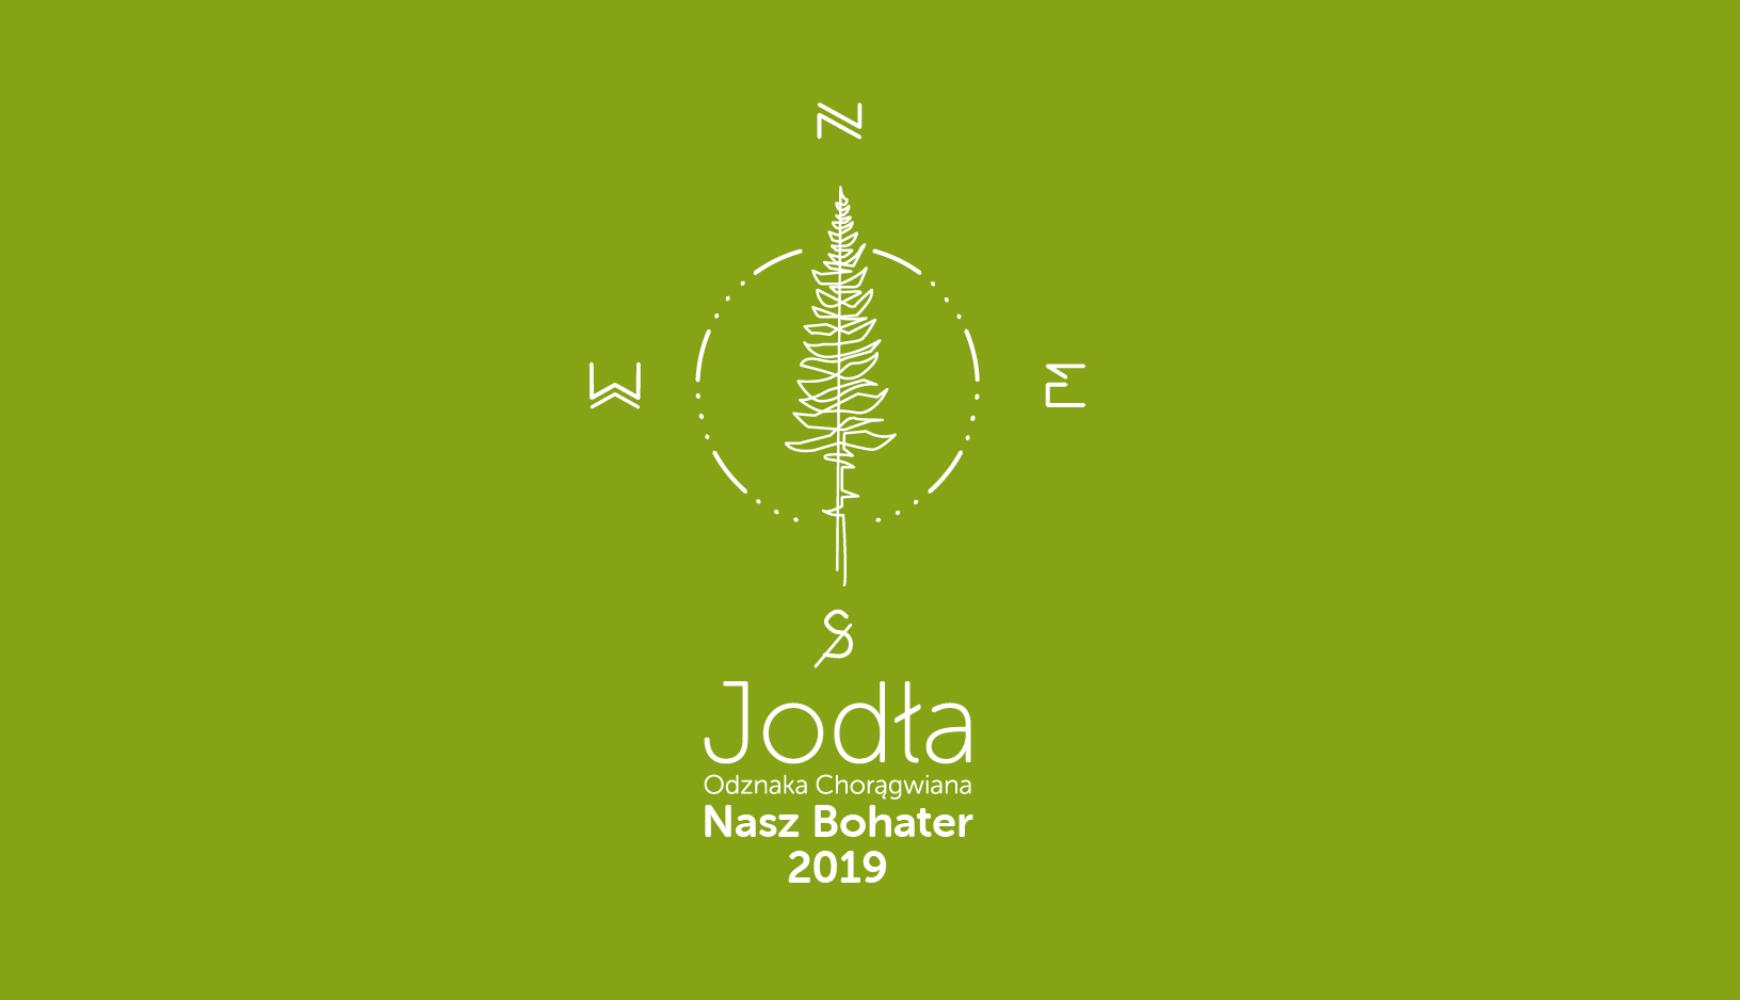 """Odznaka Chorągwiana """"Jodła"""" 2019 – rozpoczynamy zapisy!"""